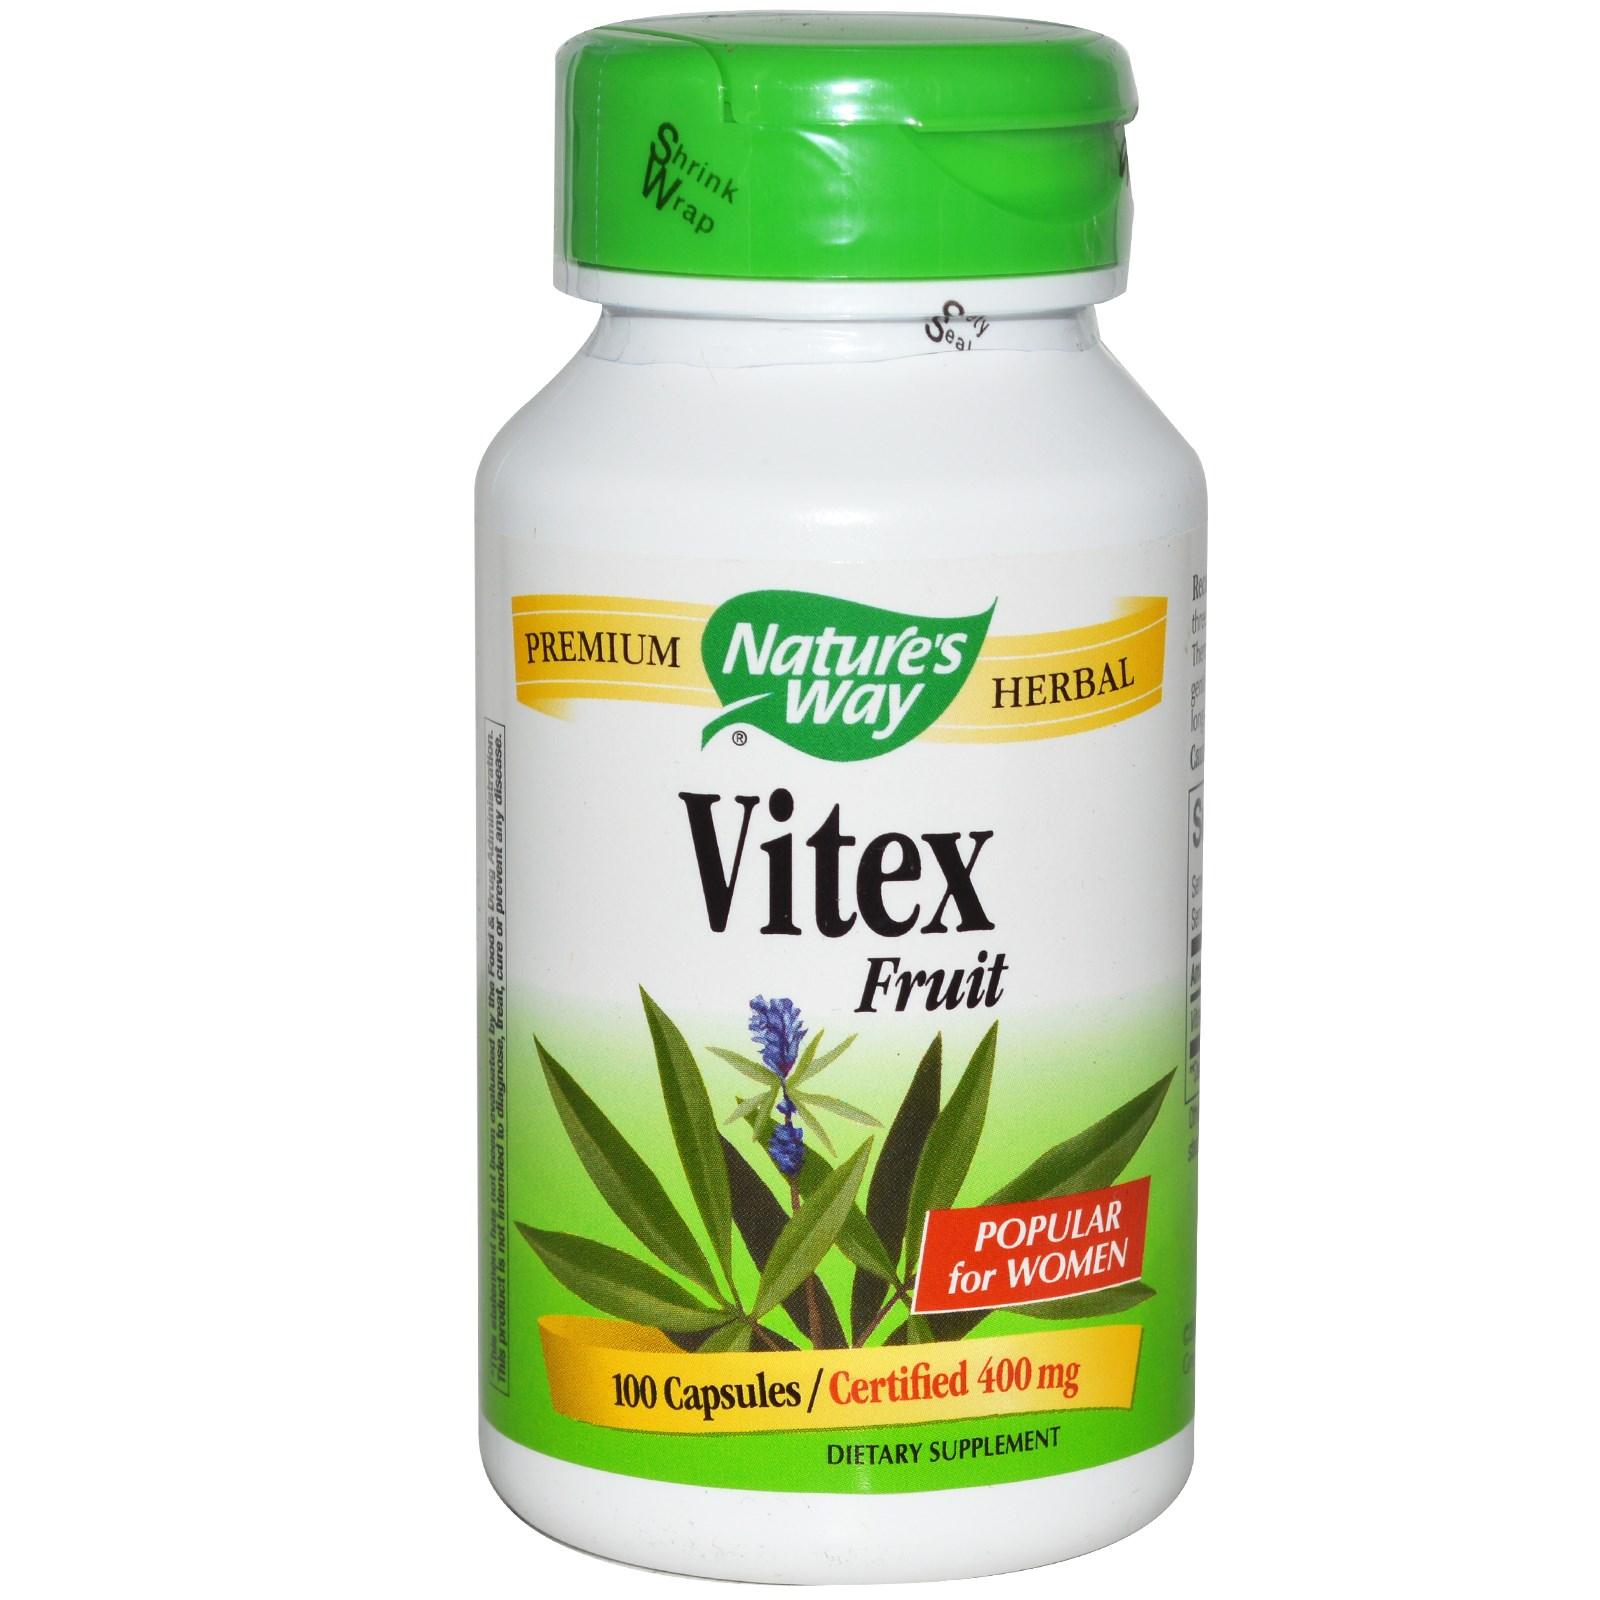 Nature's Way, Vitex Fruit, 400 mg, 100 Capsules